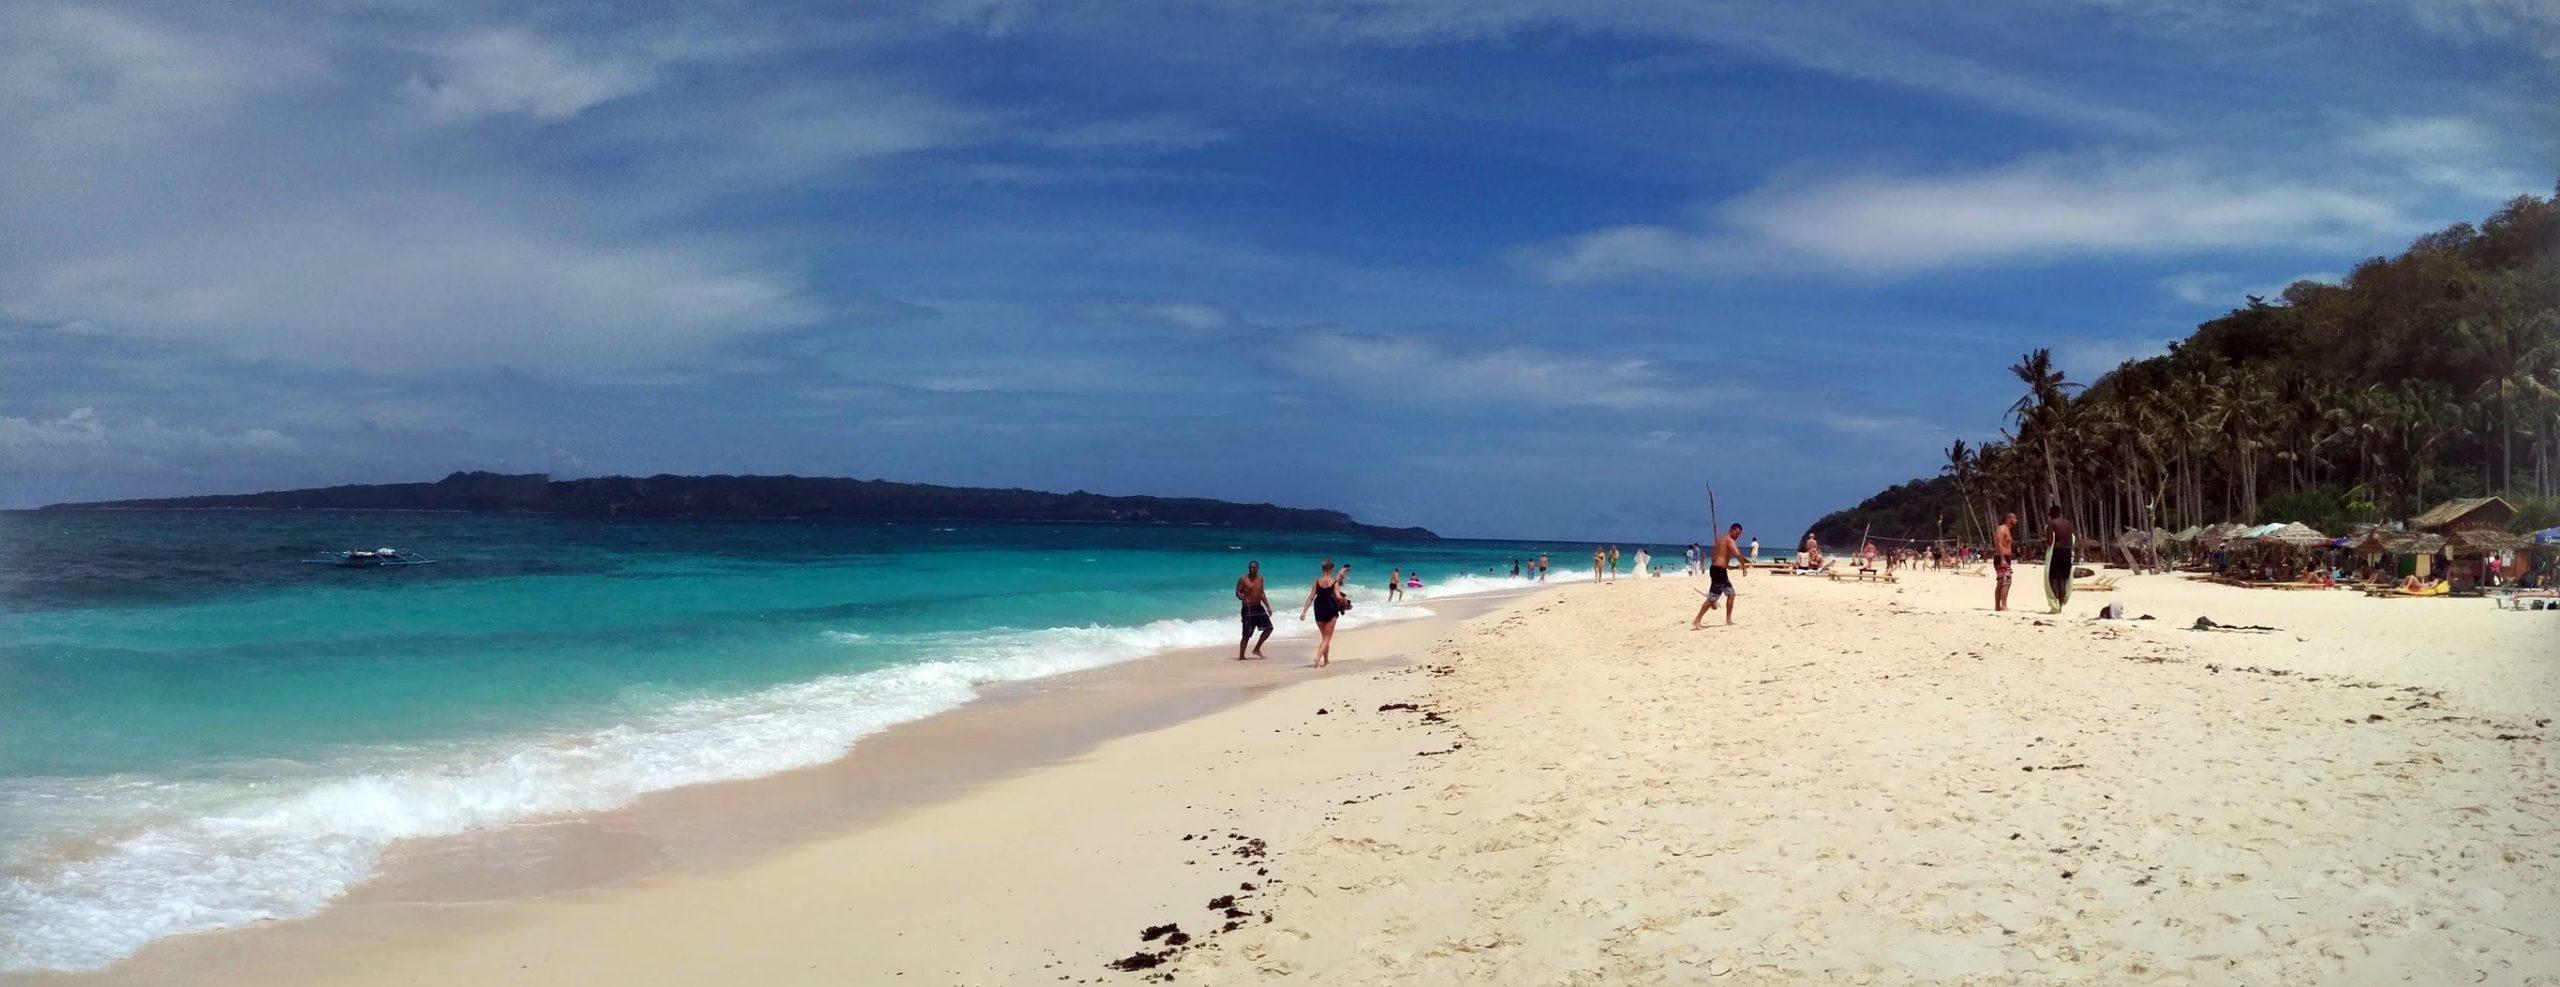 Praia paradisíaca nas Filipinas